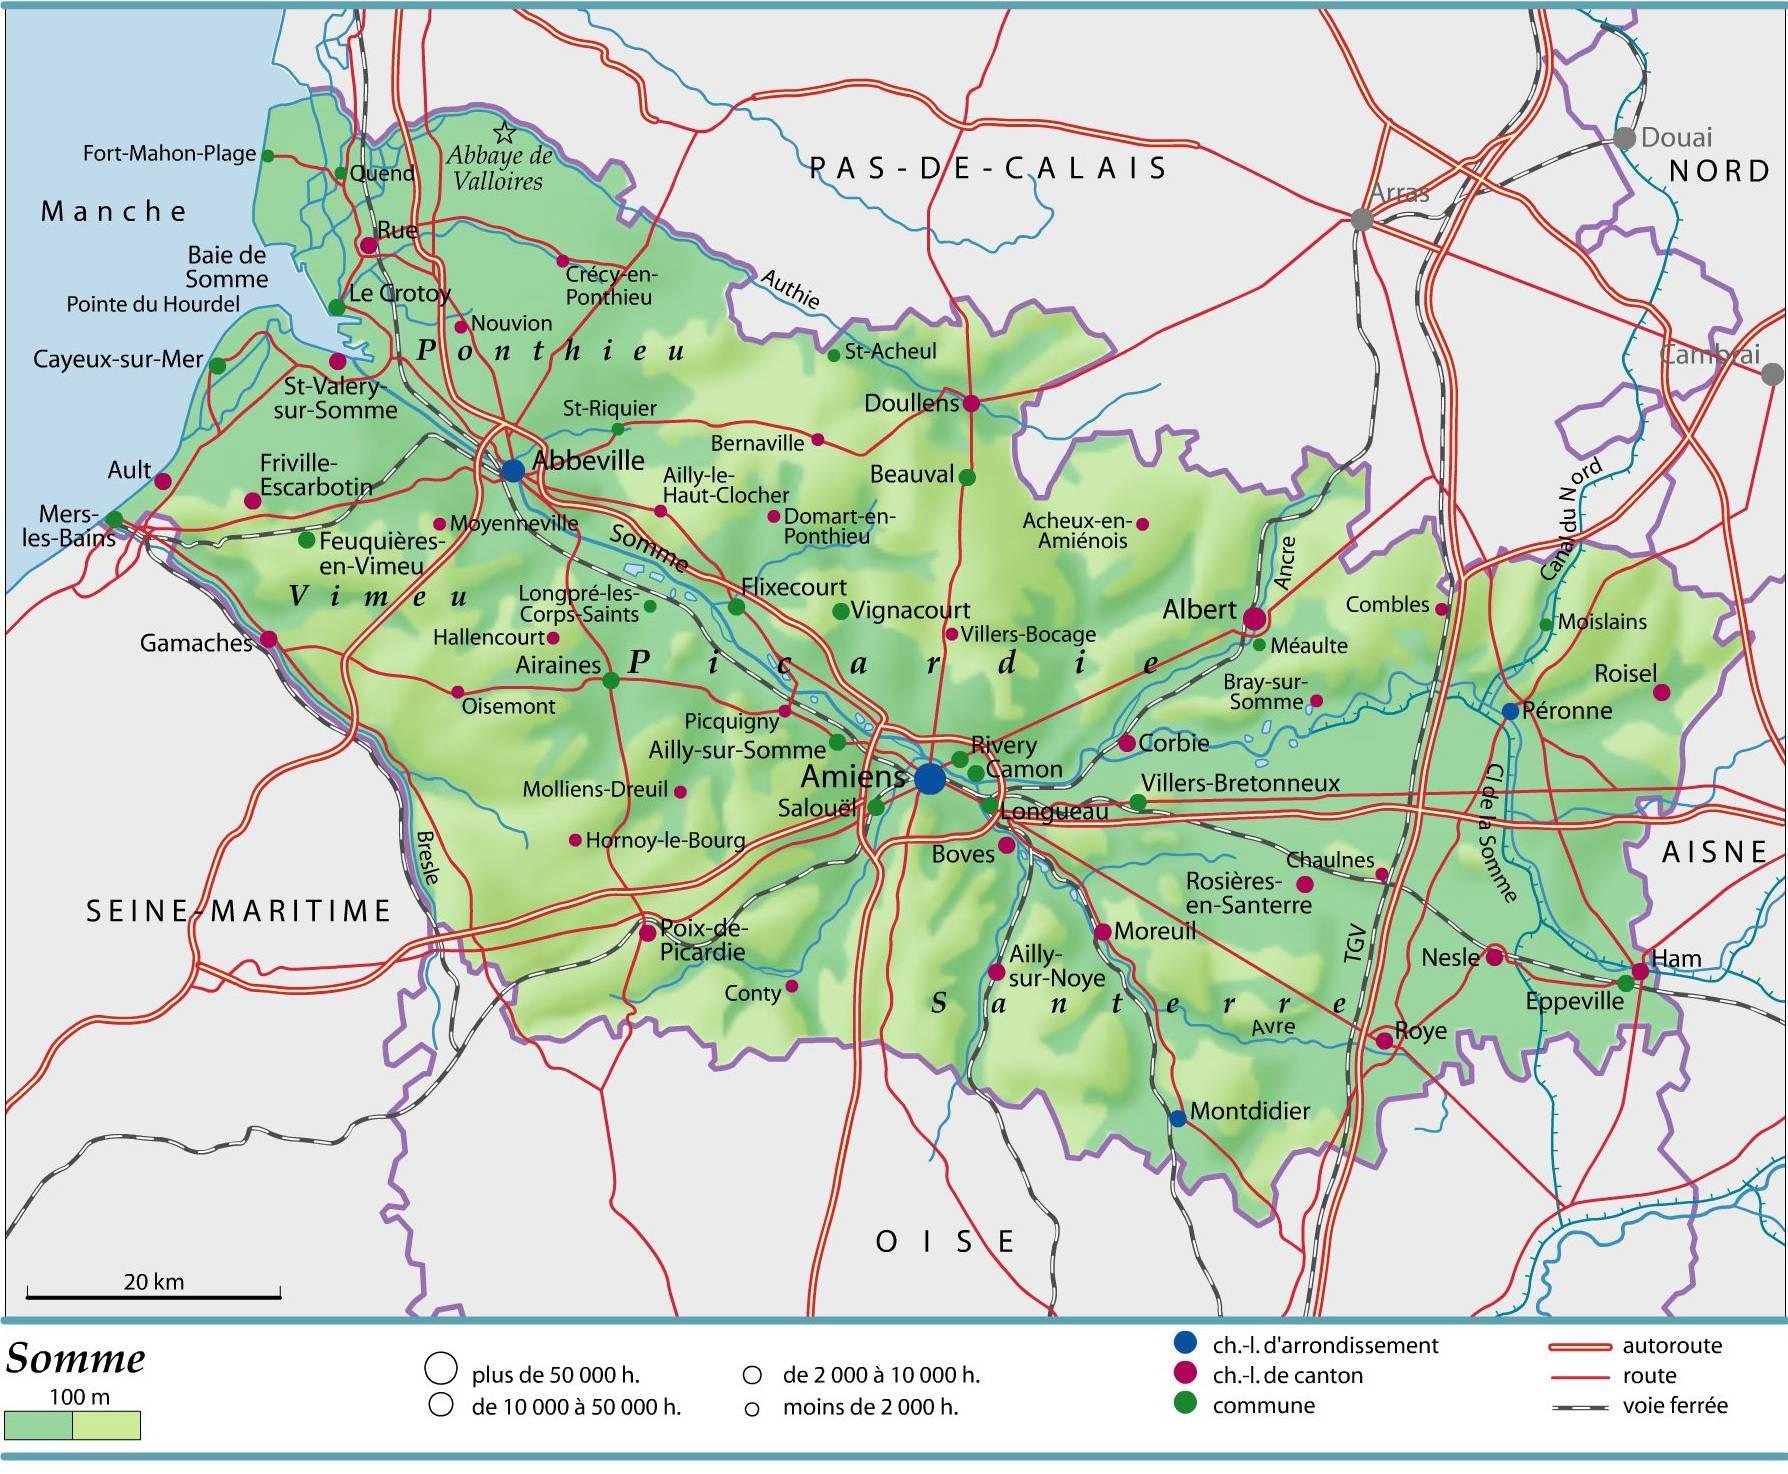 Carte de la Somme